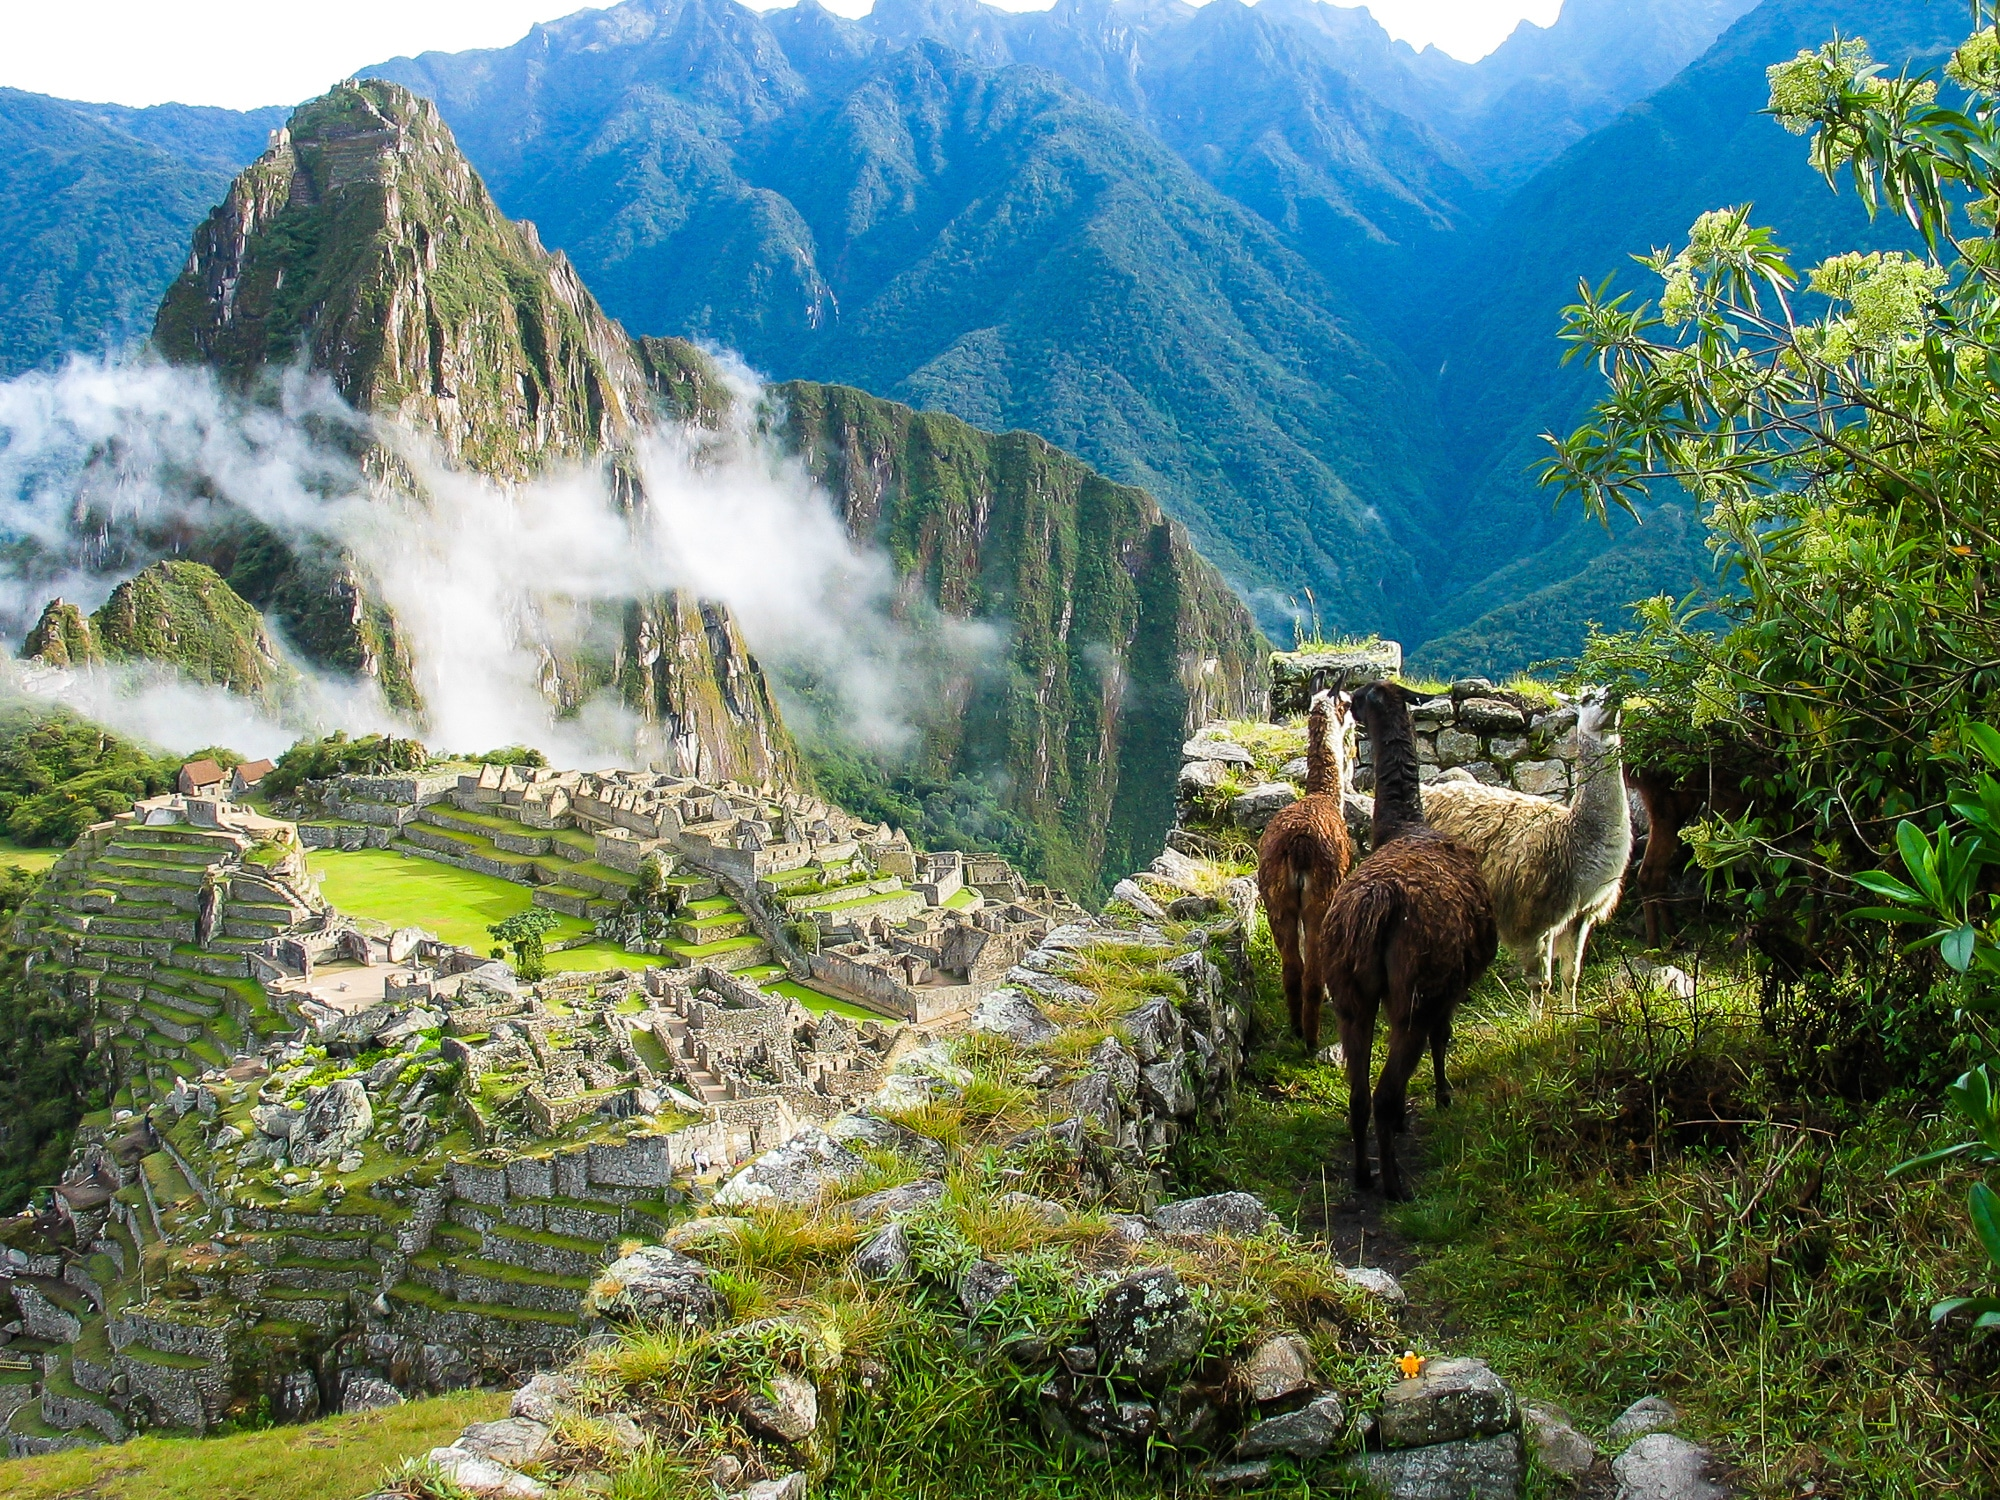 Wandern und Trekking in Peru: Die besten Routen ohne Massentourismus - Machu Picchu